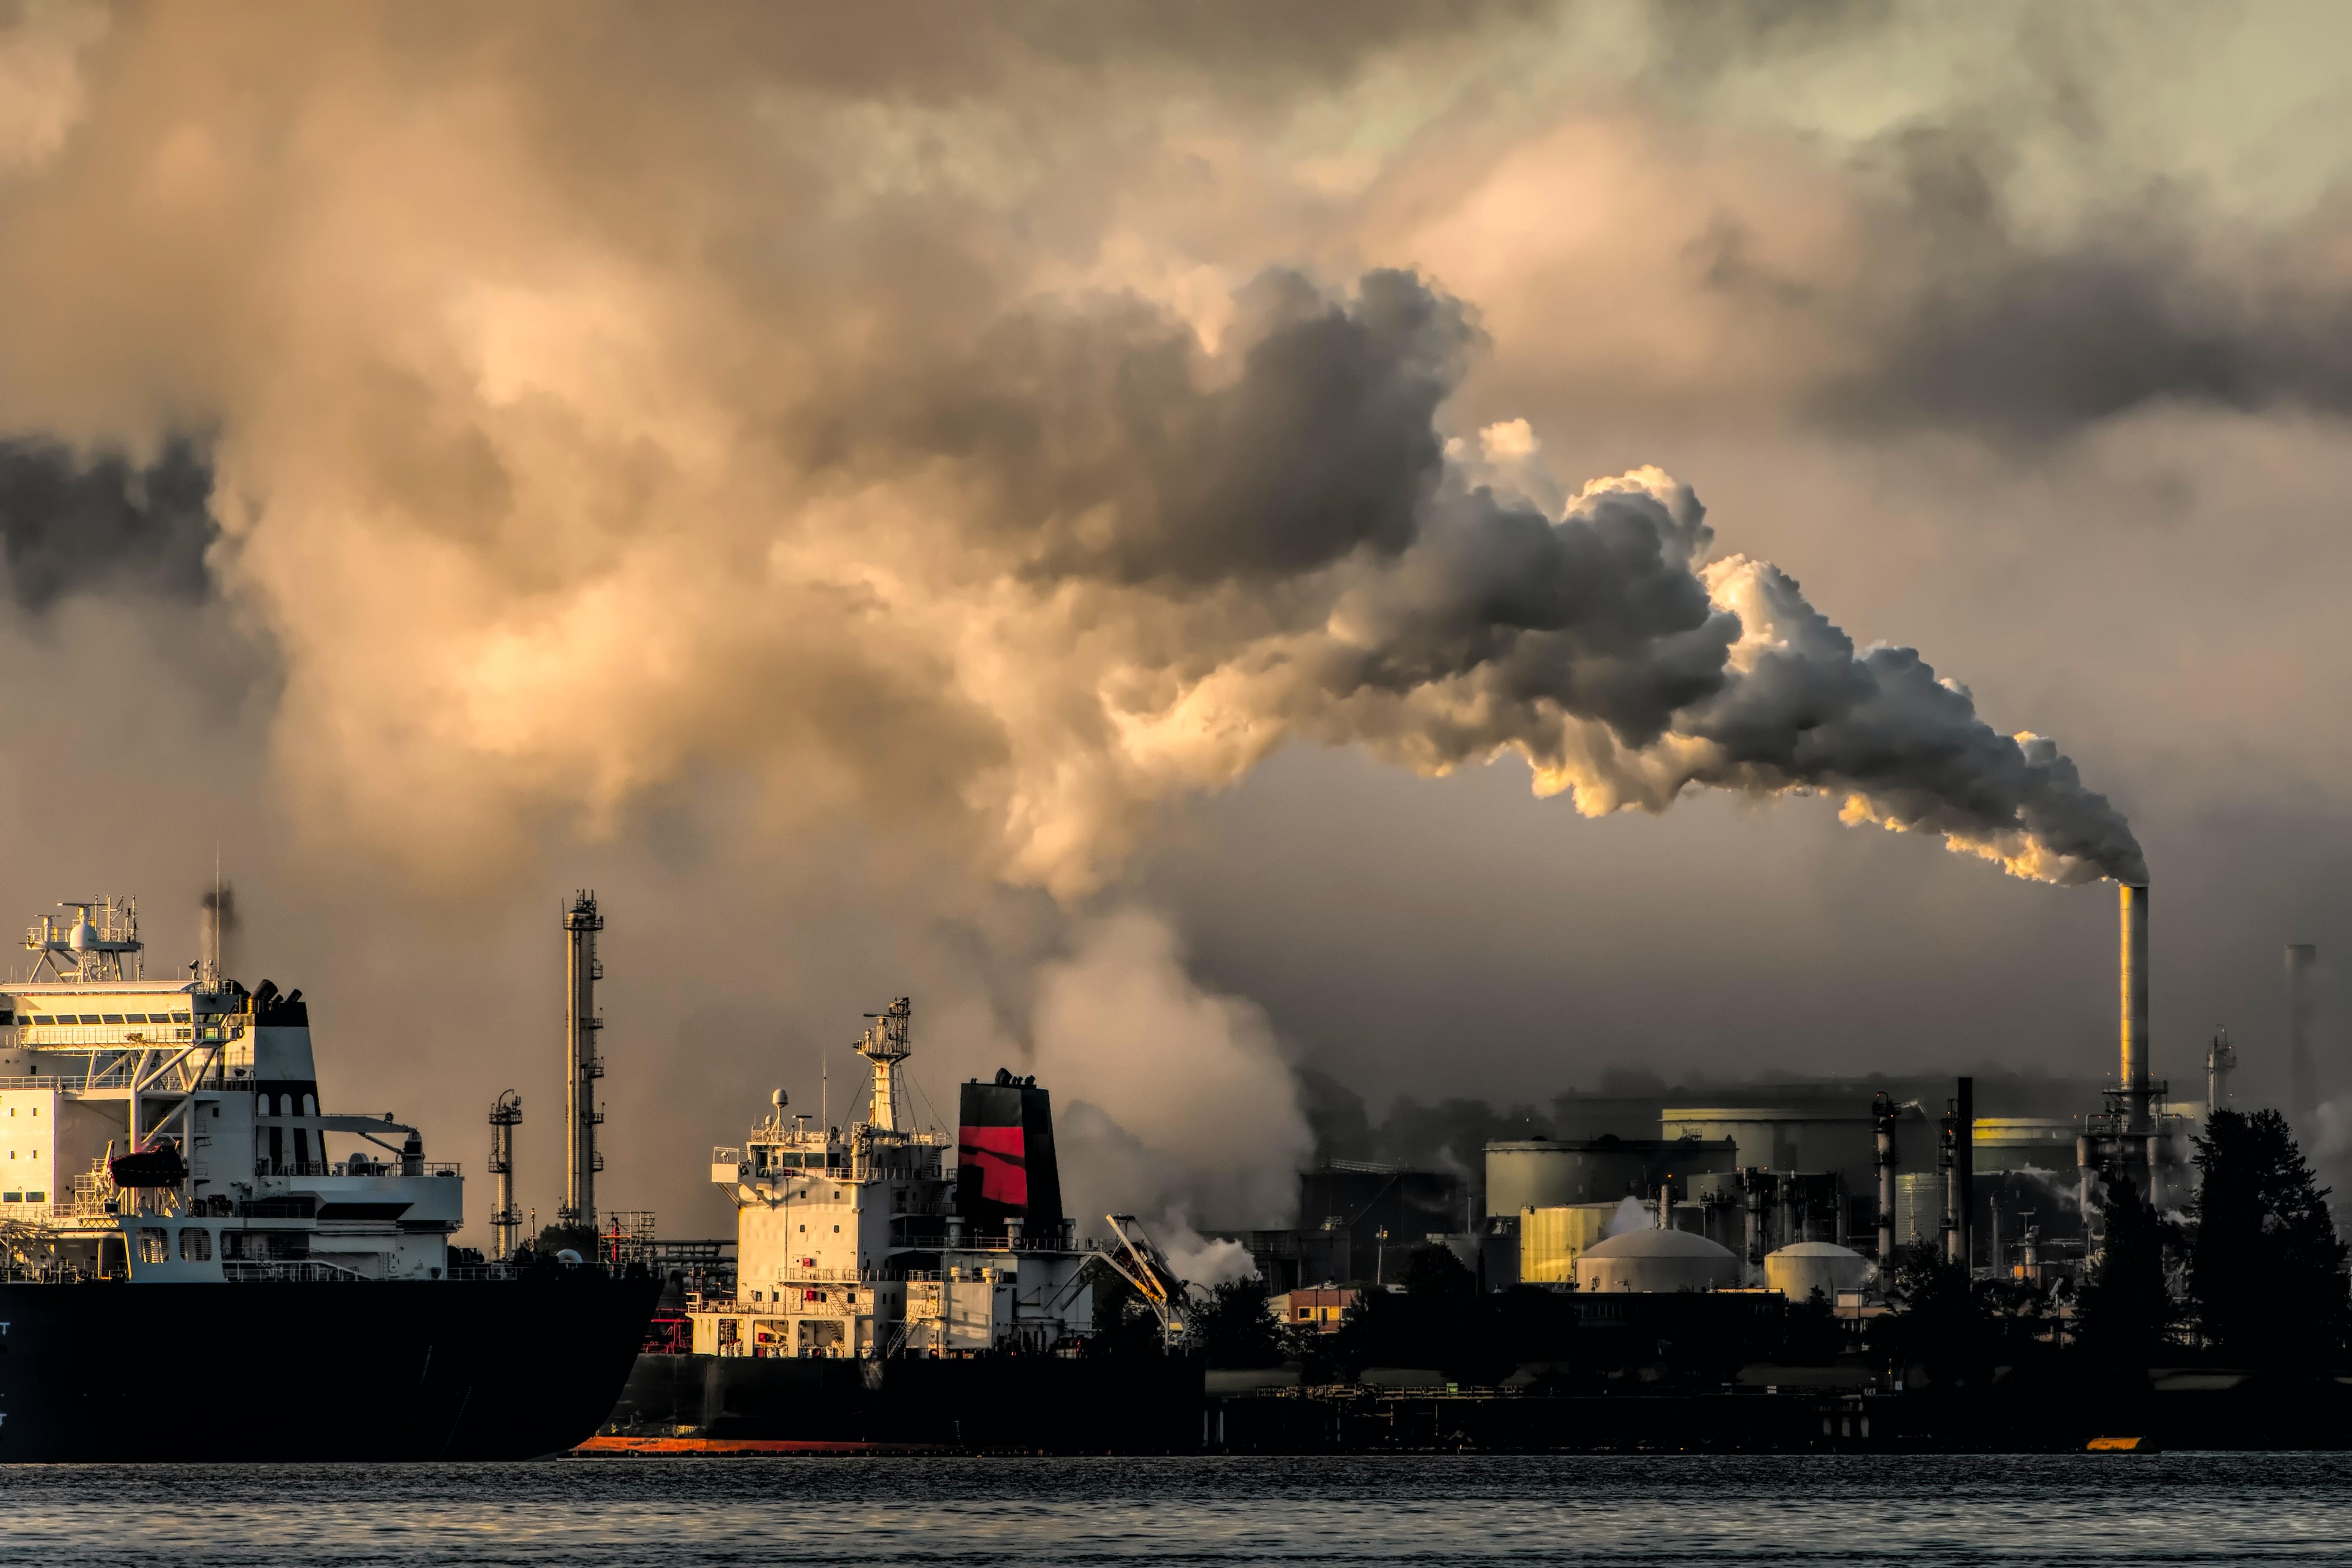 COVID-19 sonrası sürecin enerji talebi üzerindeki etkileri, iklim hedeflerine ulaşmayı nasıl etkiliyor?